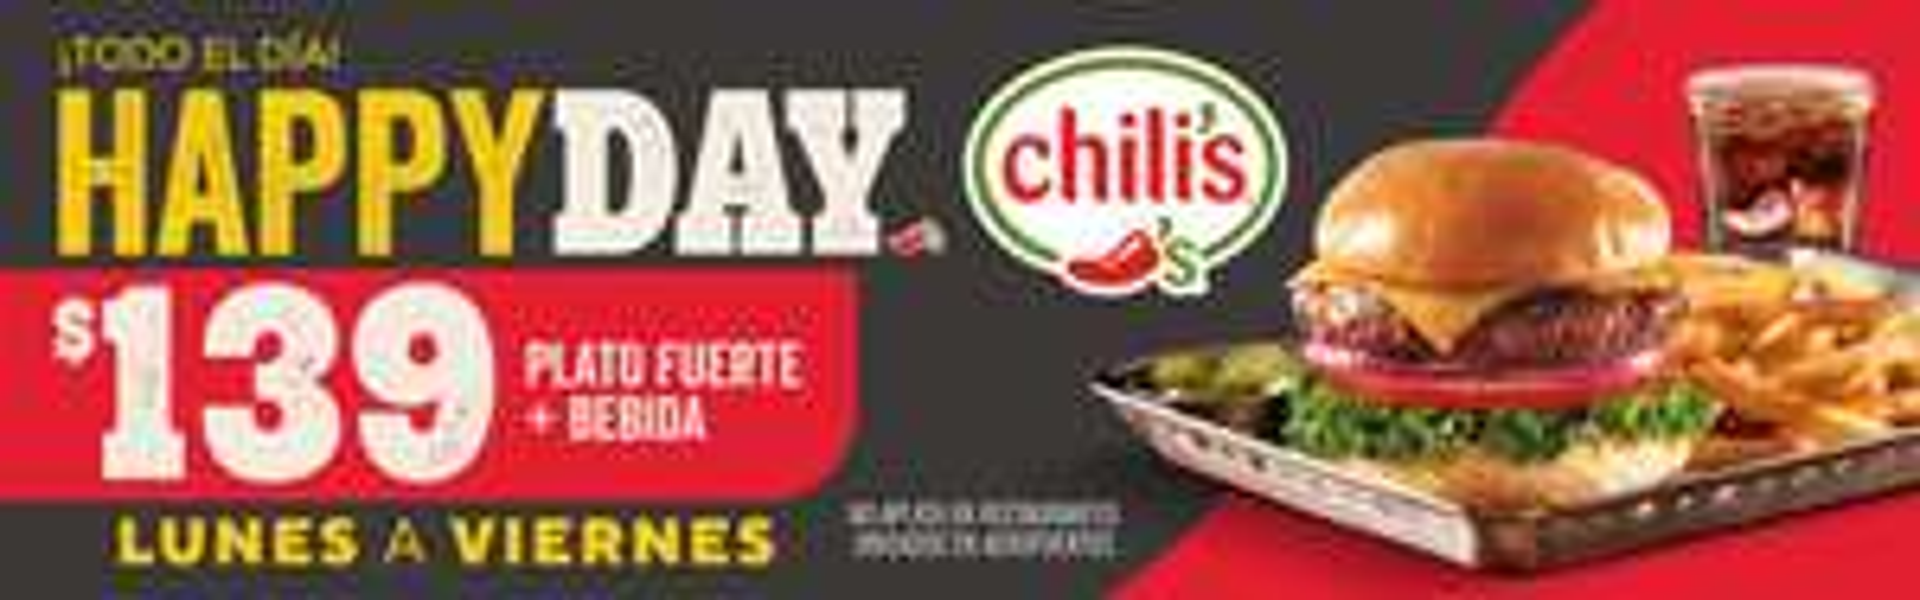 Chili's: boneless 2x1